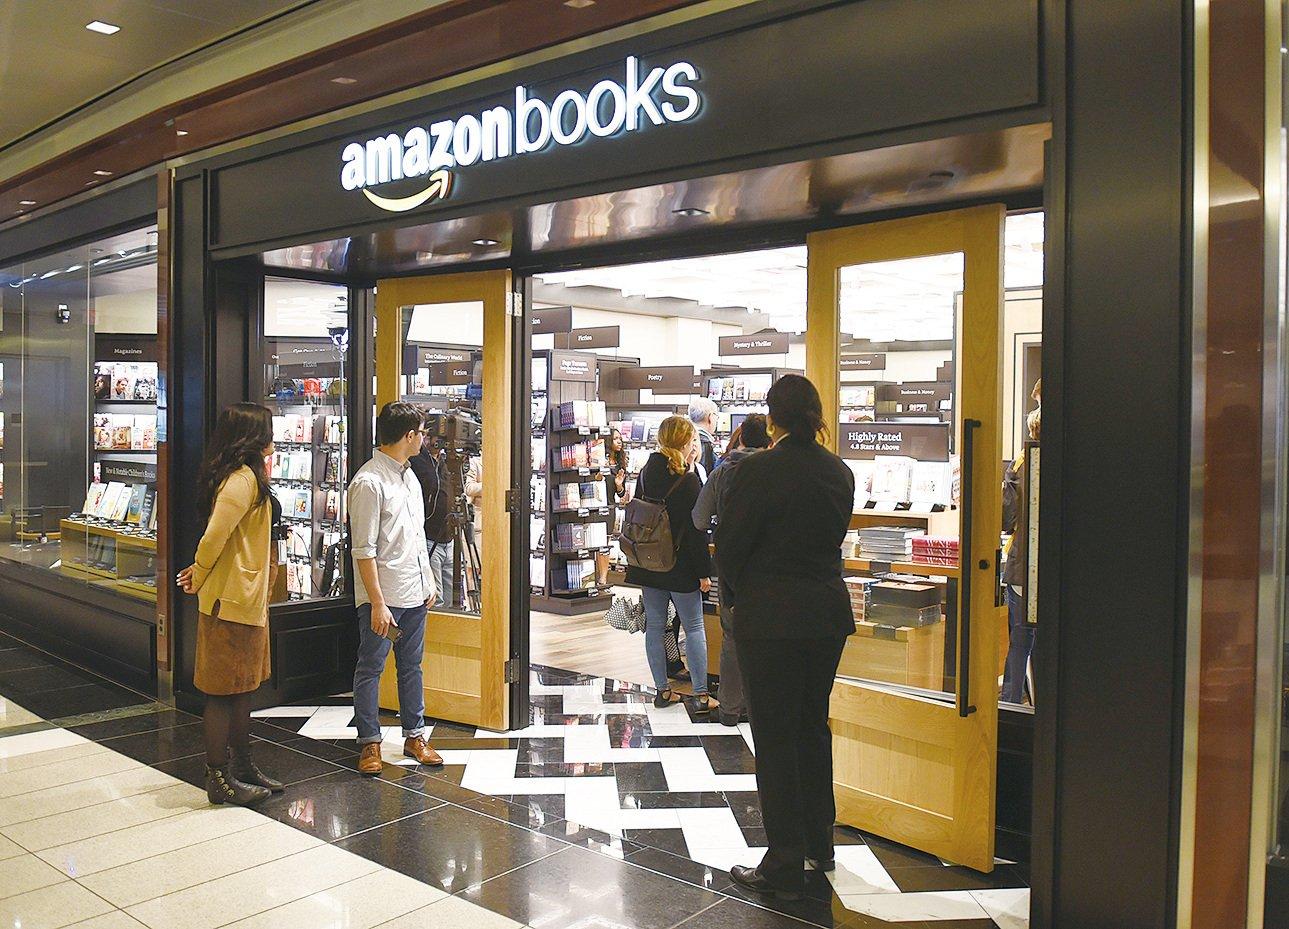 位於紐約曼哈頓的亞馬遜實體書店。(Getty images)